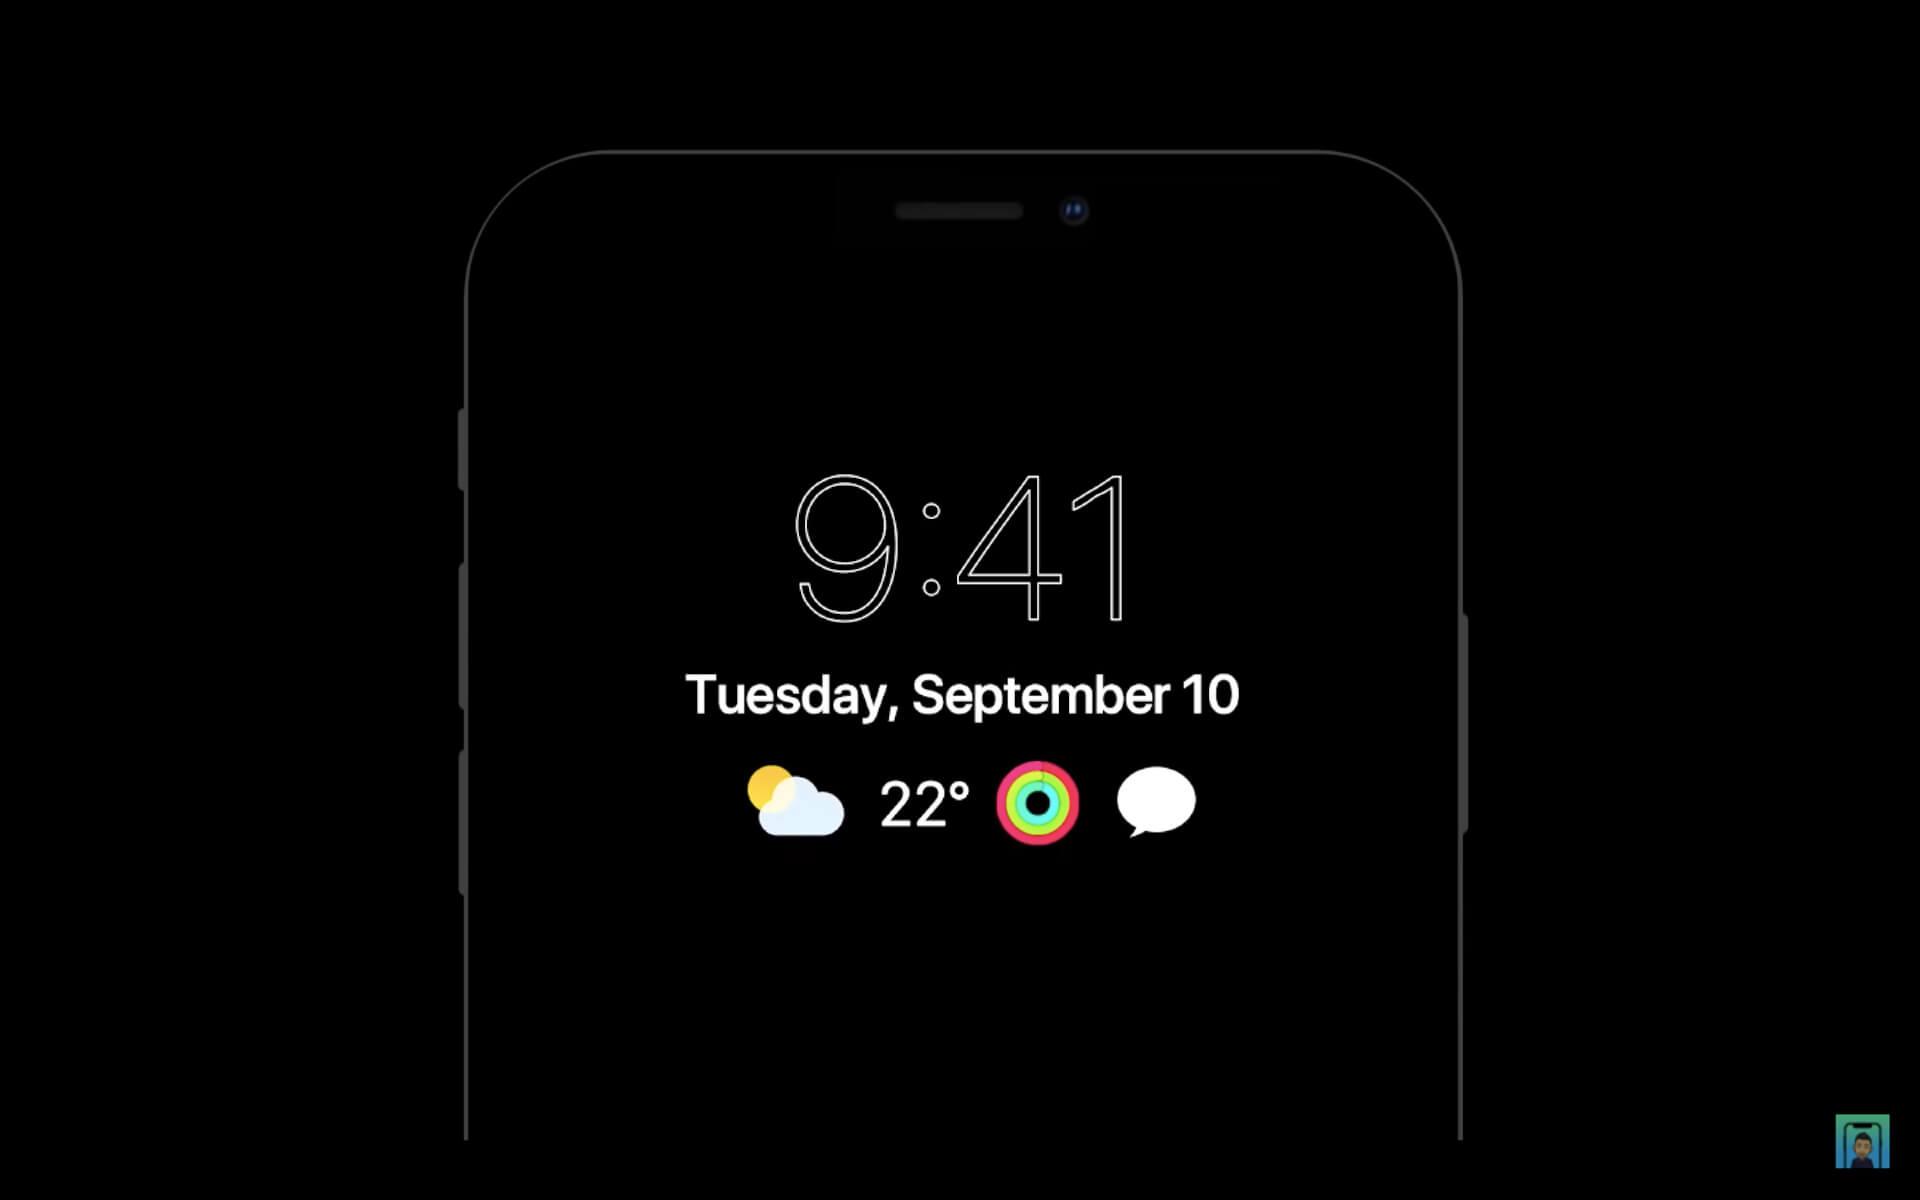 6月リリースと噂のiPhone用OS「iOS 14」はこうなる?iPhone 12と掛け合わせたコンセプト動画が公開 tech200423_ios14_11